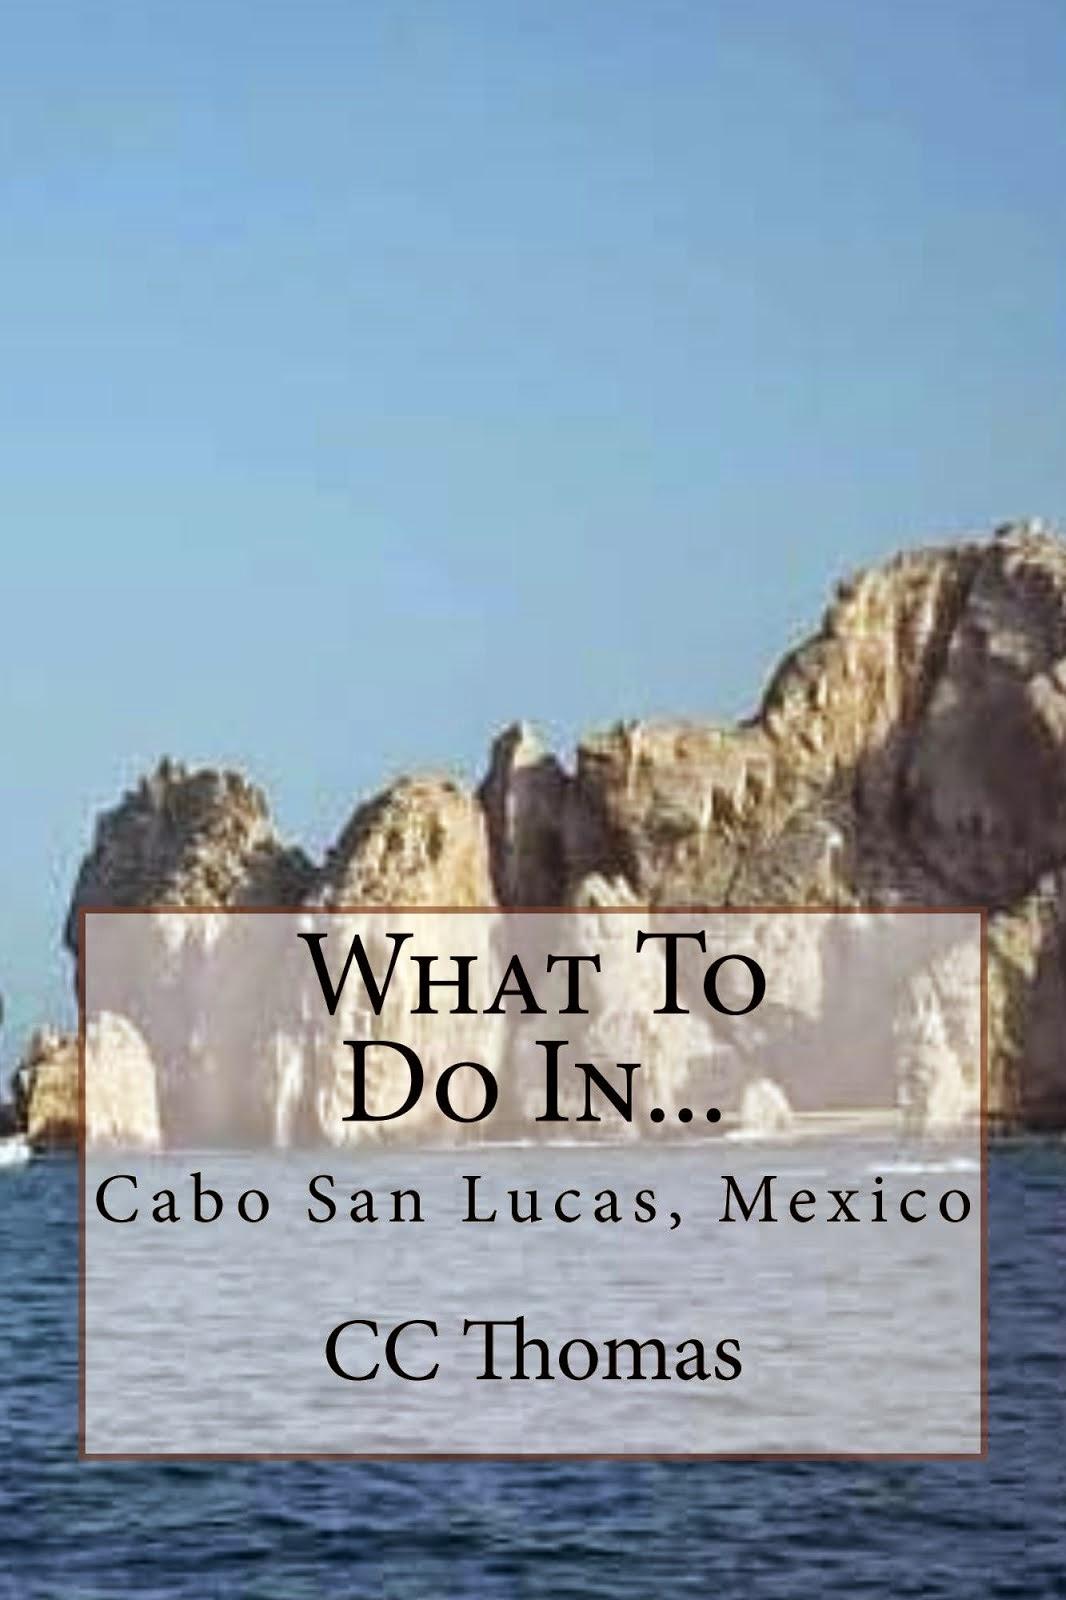 What To Do In...Cabo San Lucas, Baja California Sur, Mexico